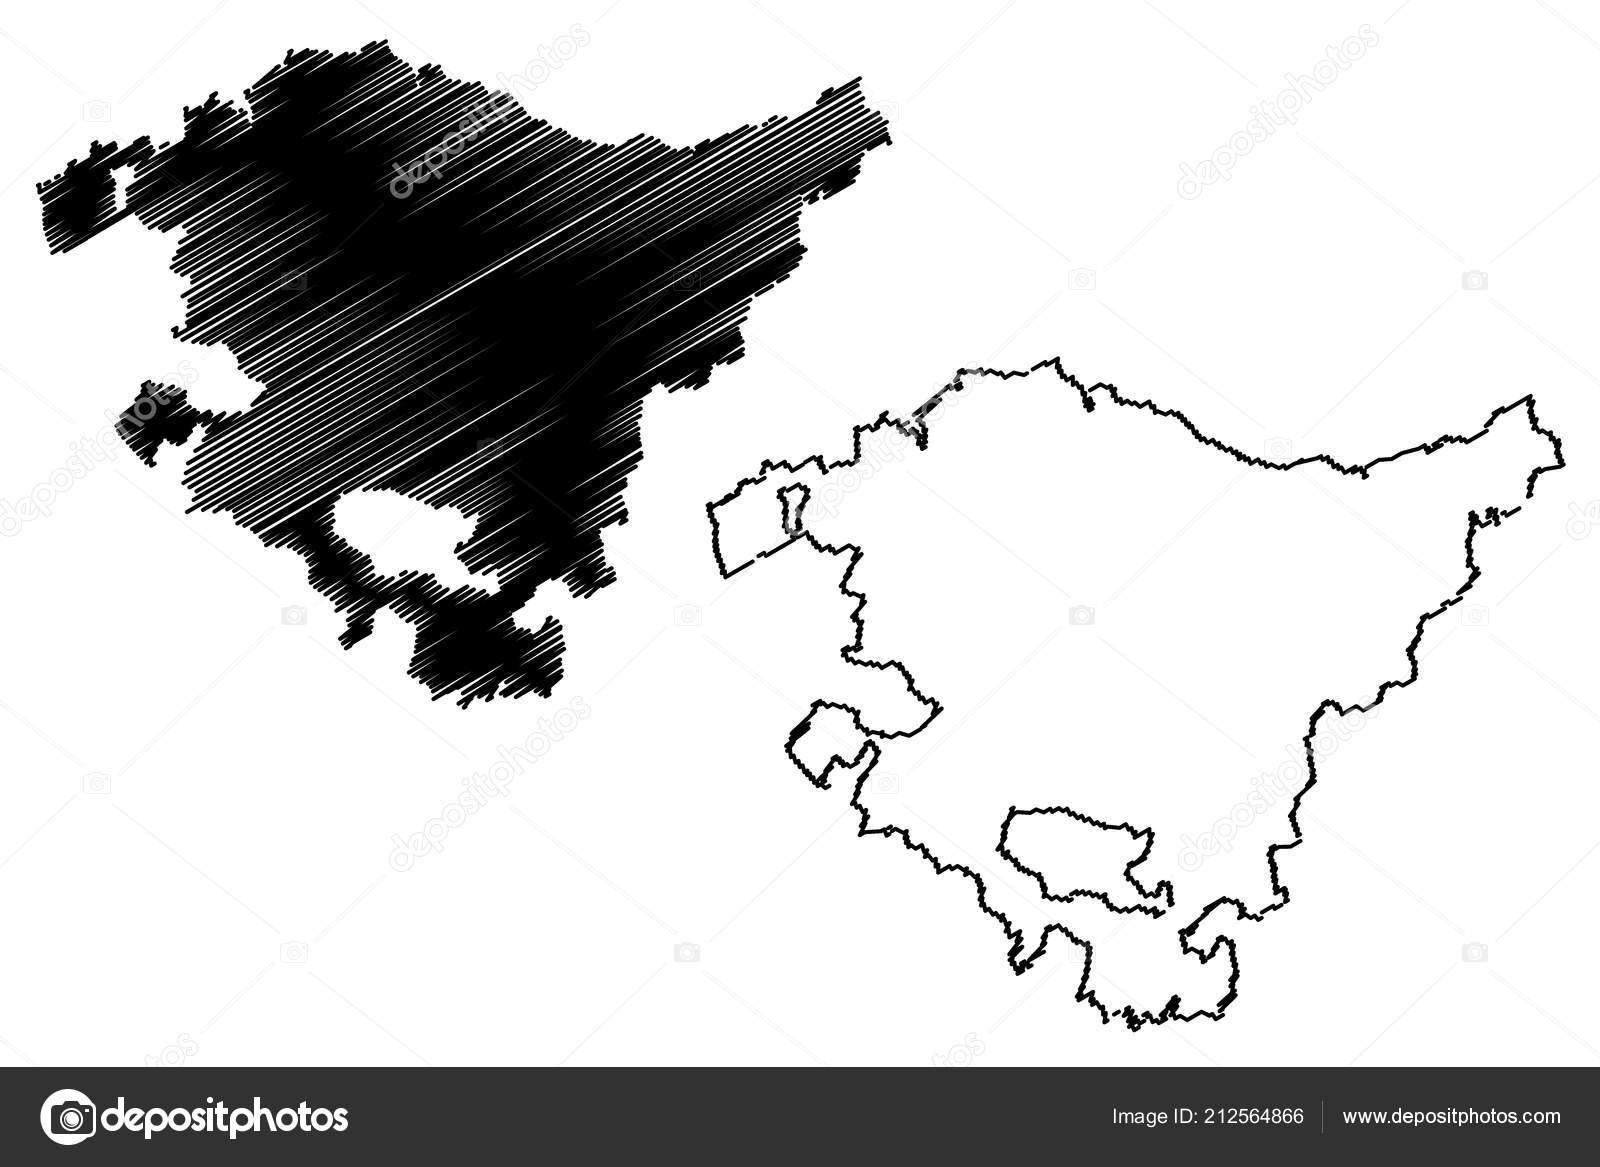 Autonome Regionen Spanien Karte.Baskenland Konigreich Von Spanien Autonome Region Karte